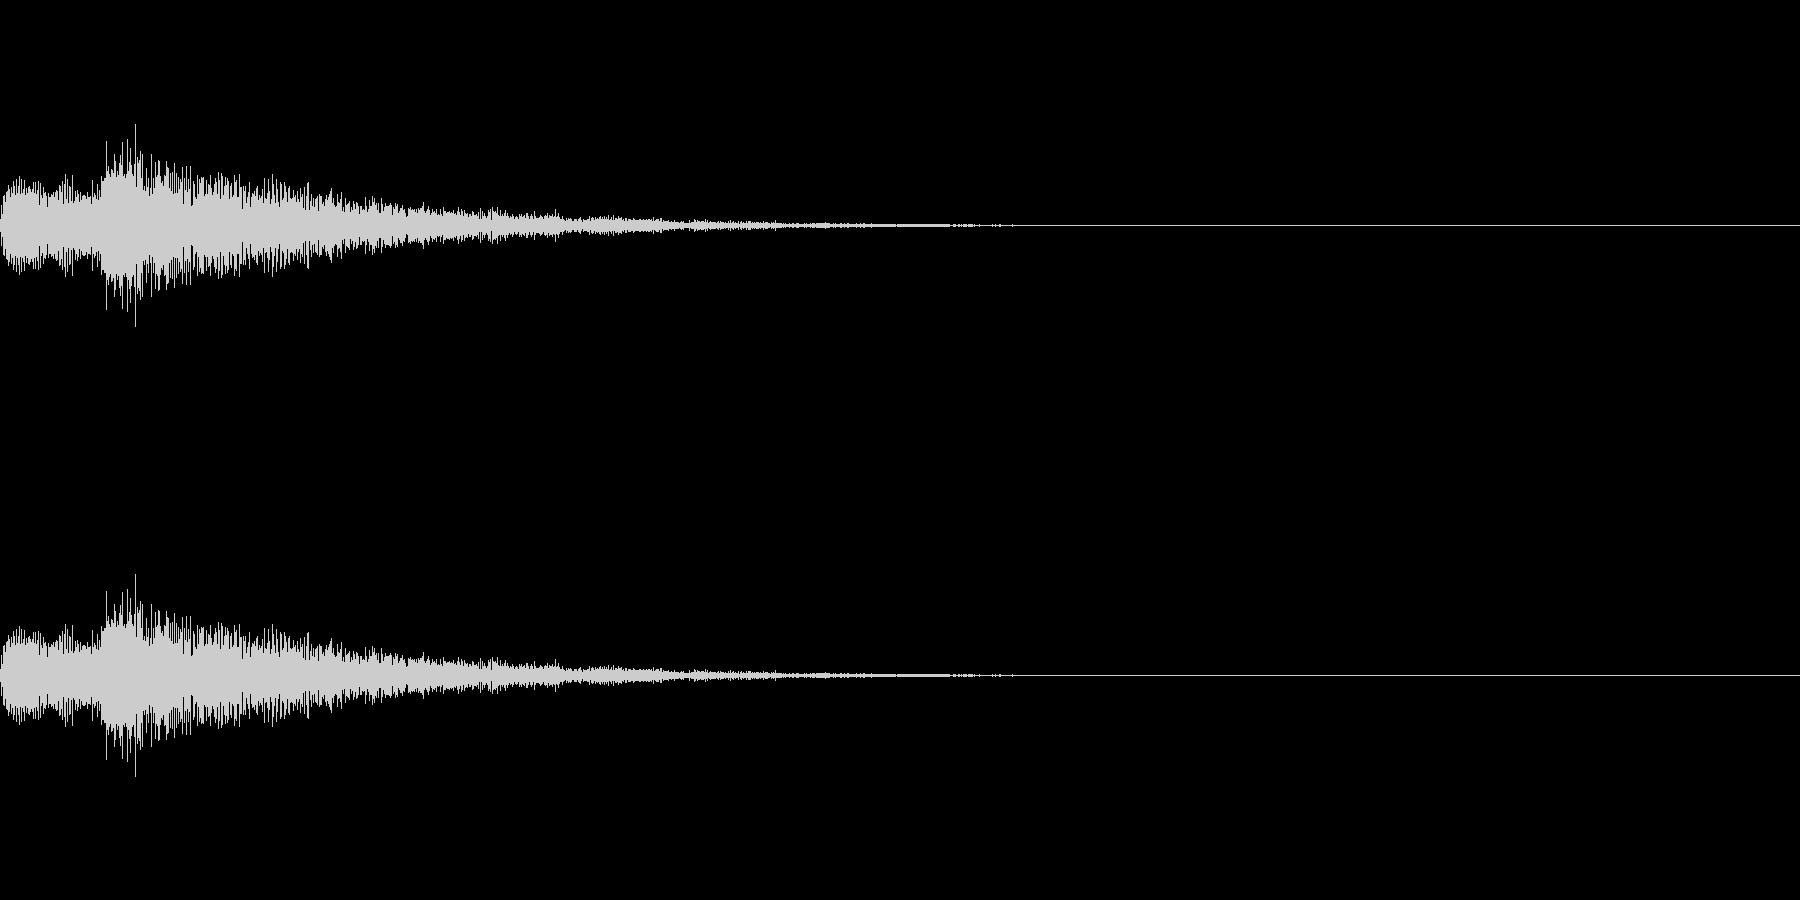 綺麗で透明感あるアタック音の未再生の波形